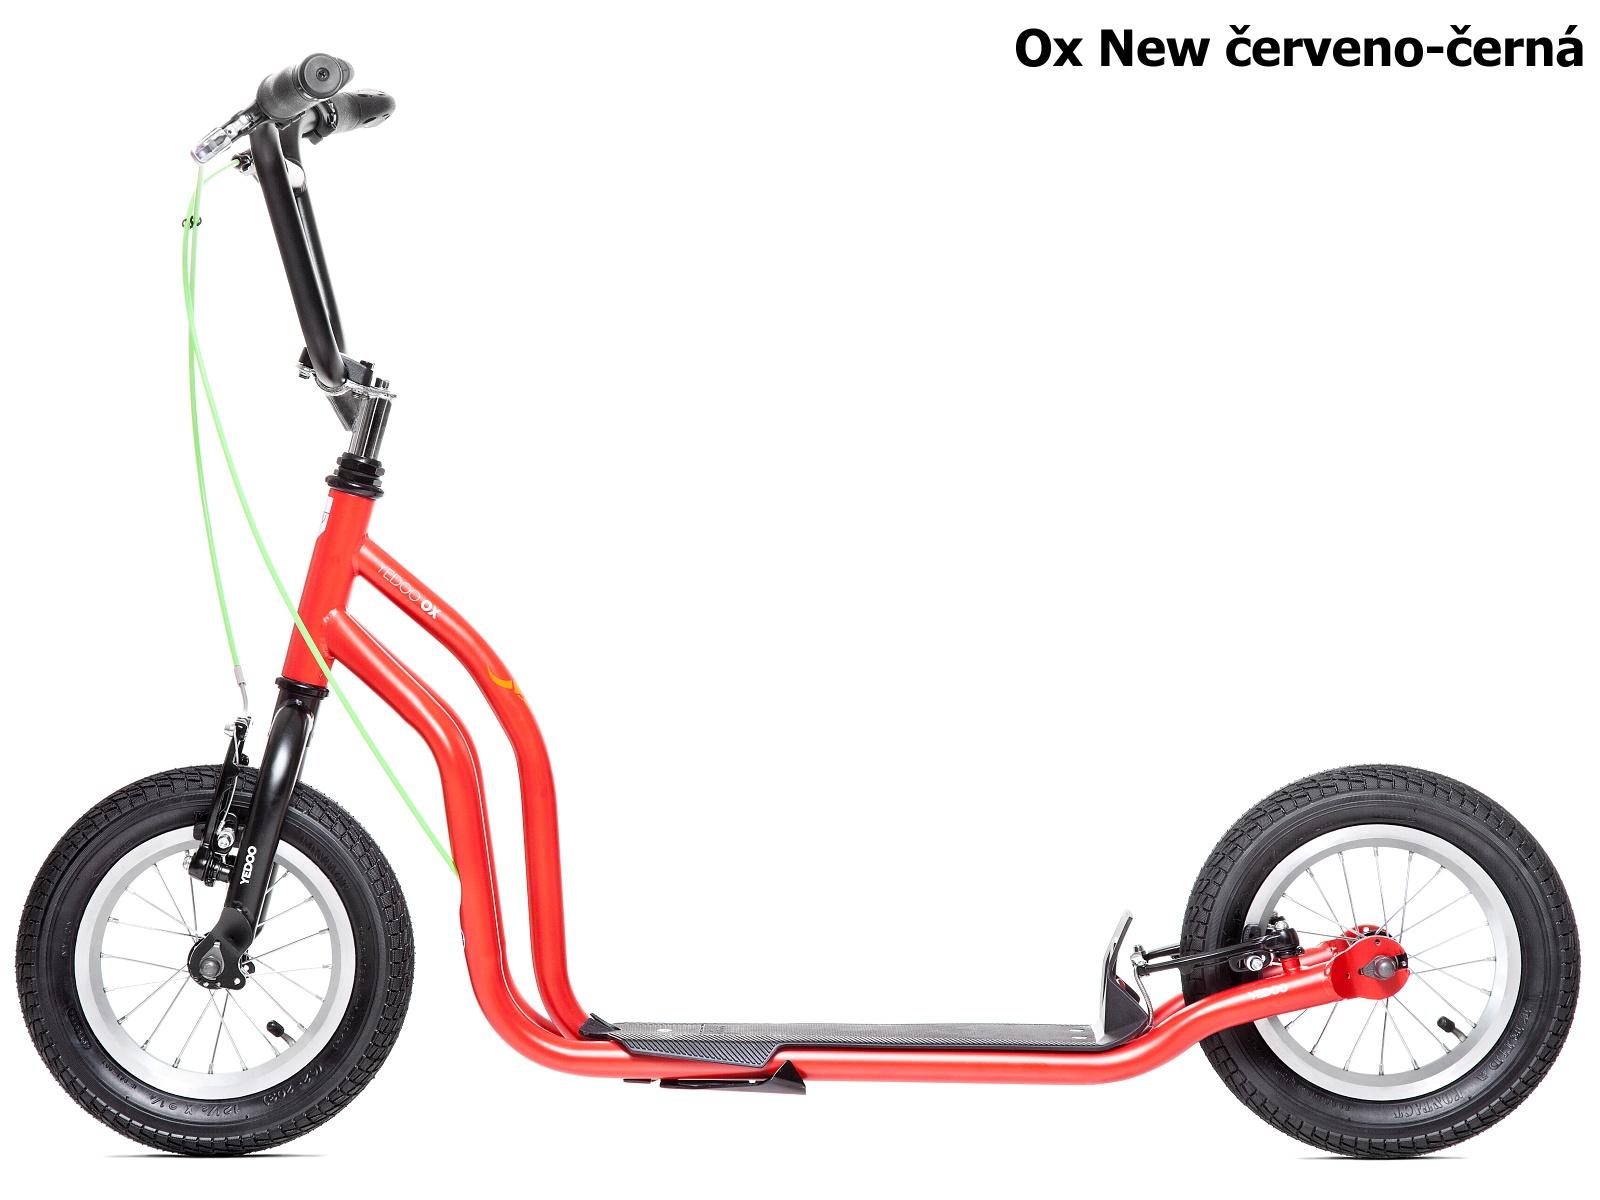 Koloběžka YEDOO Ox New 12-12 červeno-černá